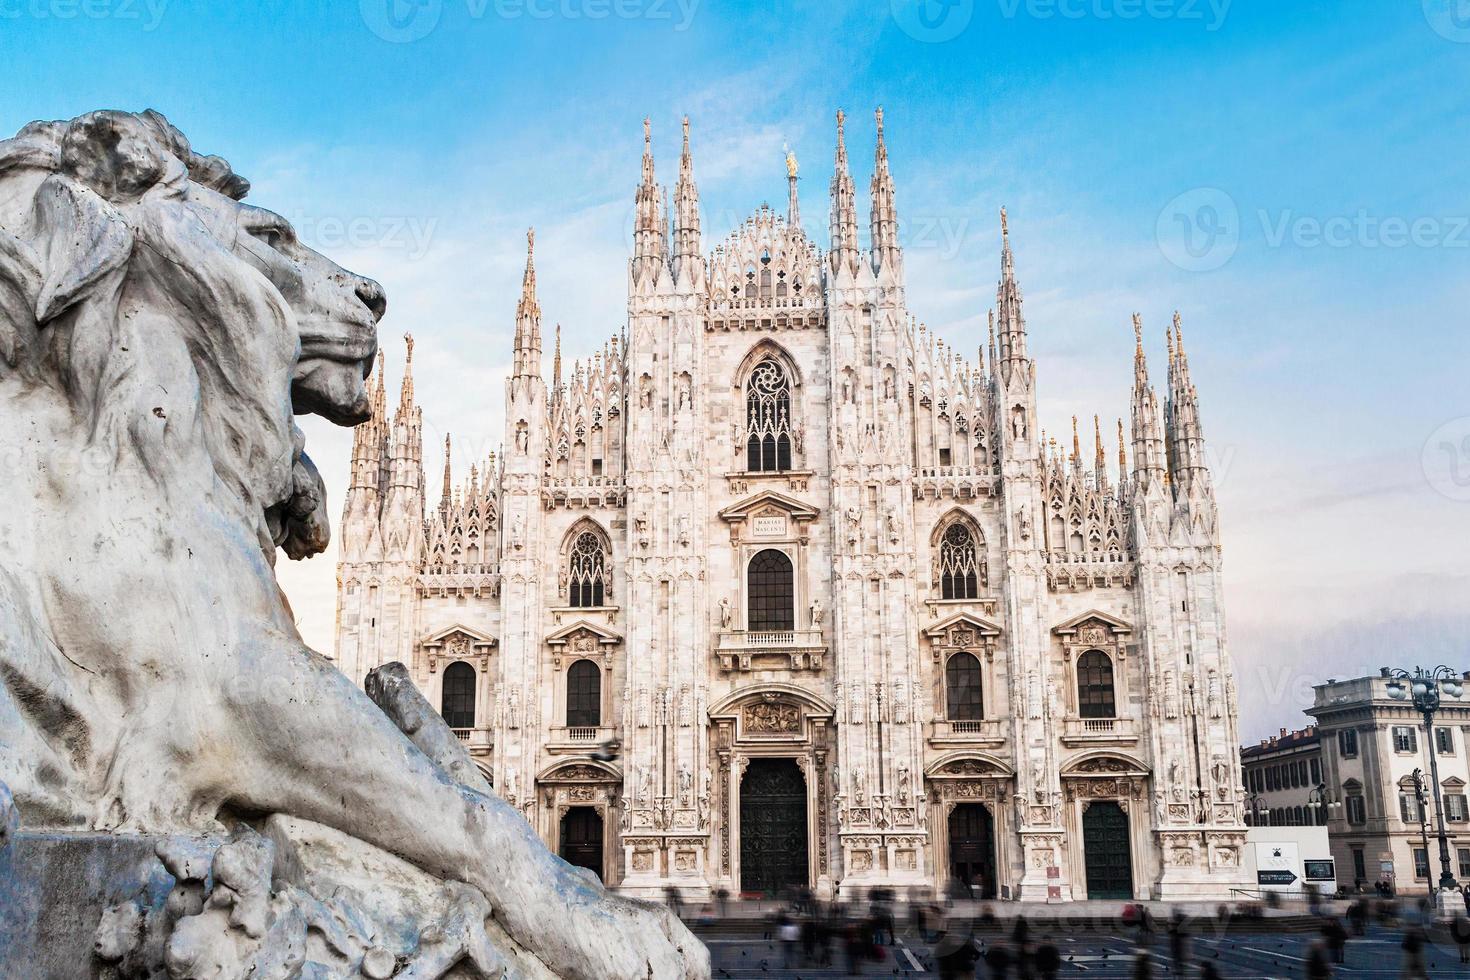 Duomo kathedraal van Milaan, Italië. kijk van standbeeld van leeuw foto